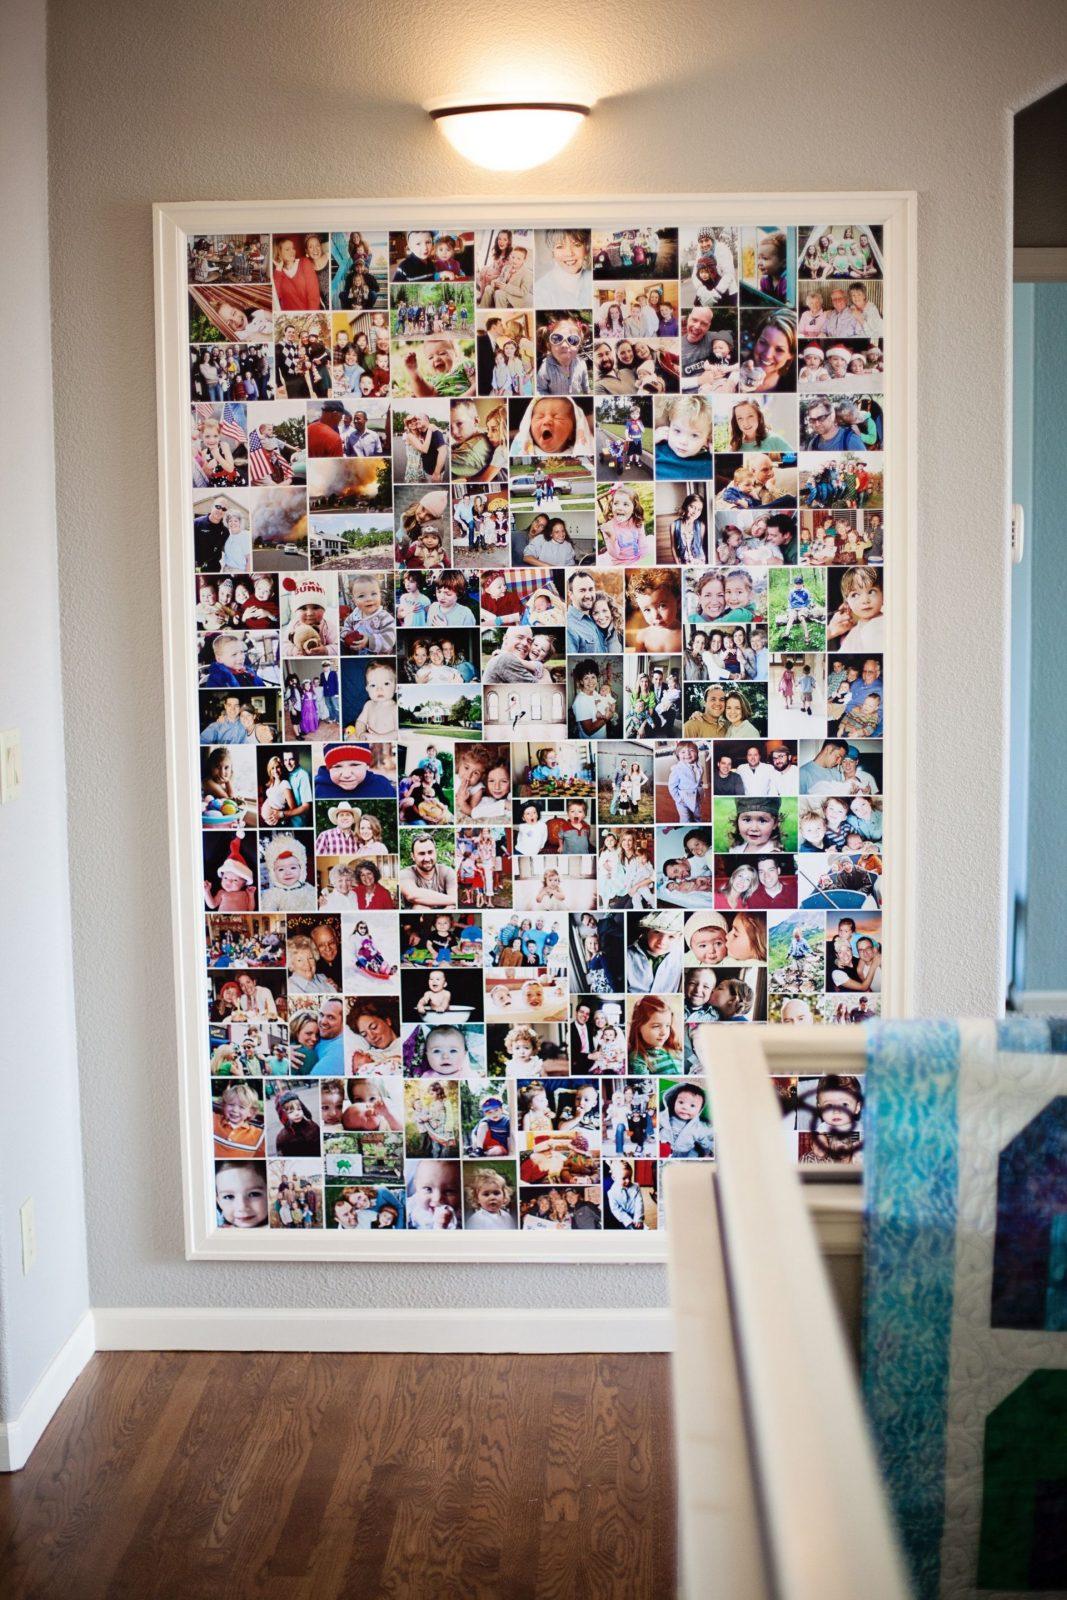 Fotos Fotocollage Im Riesenbilderrahmen Für Schöne Erinnerungen von Fototapete Collage Selbst Gestalten Photo